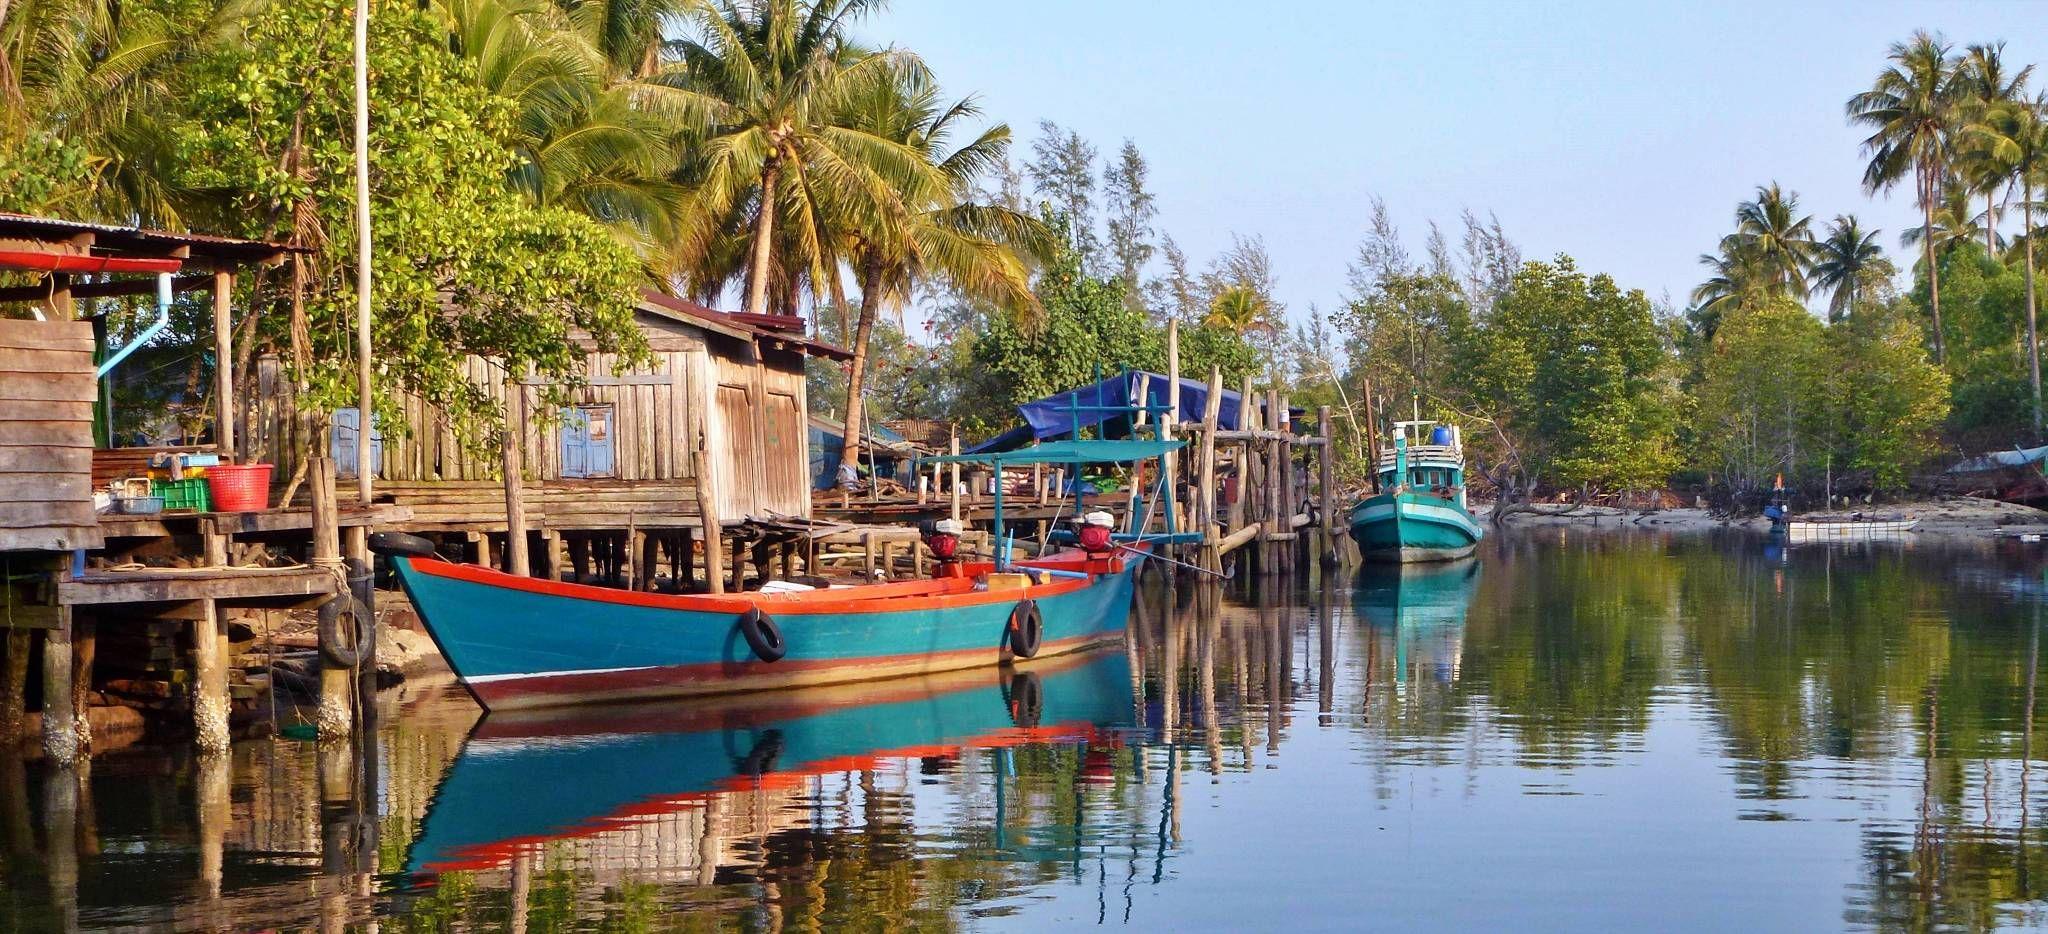 Traditionelles Boot und Stelzenhäuser an einem Fluss in Kambodscha